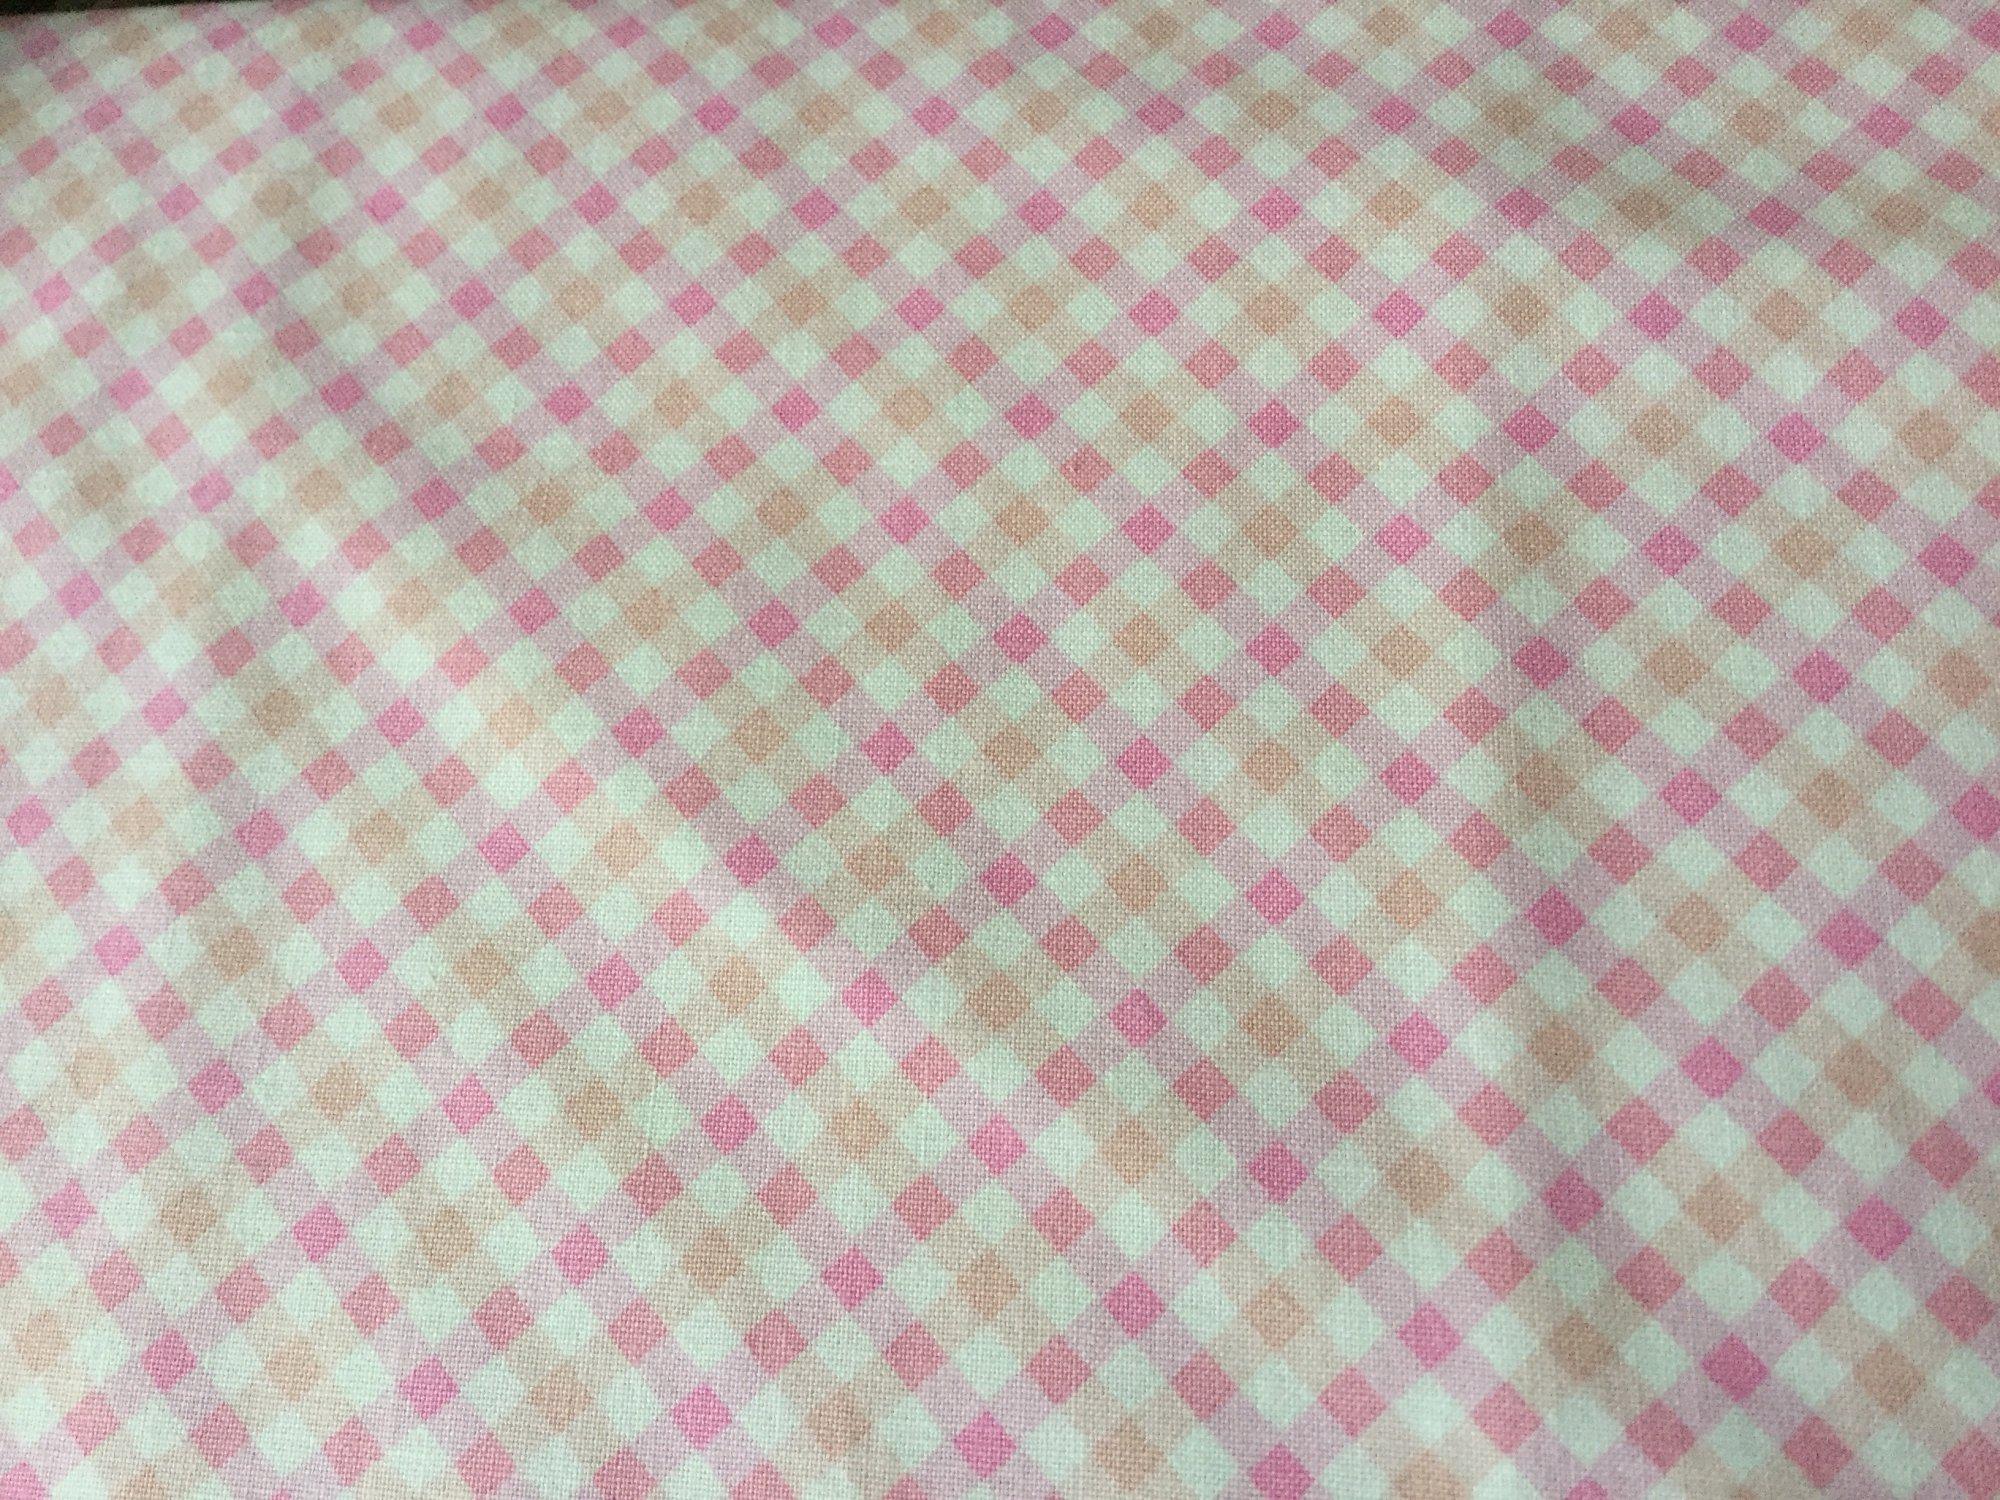 Windham Fabrics - Pink Checks